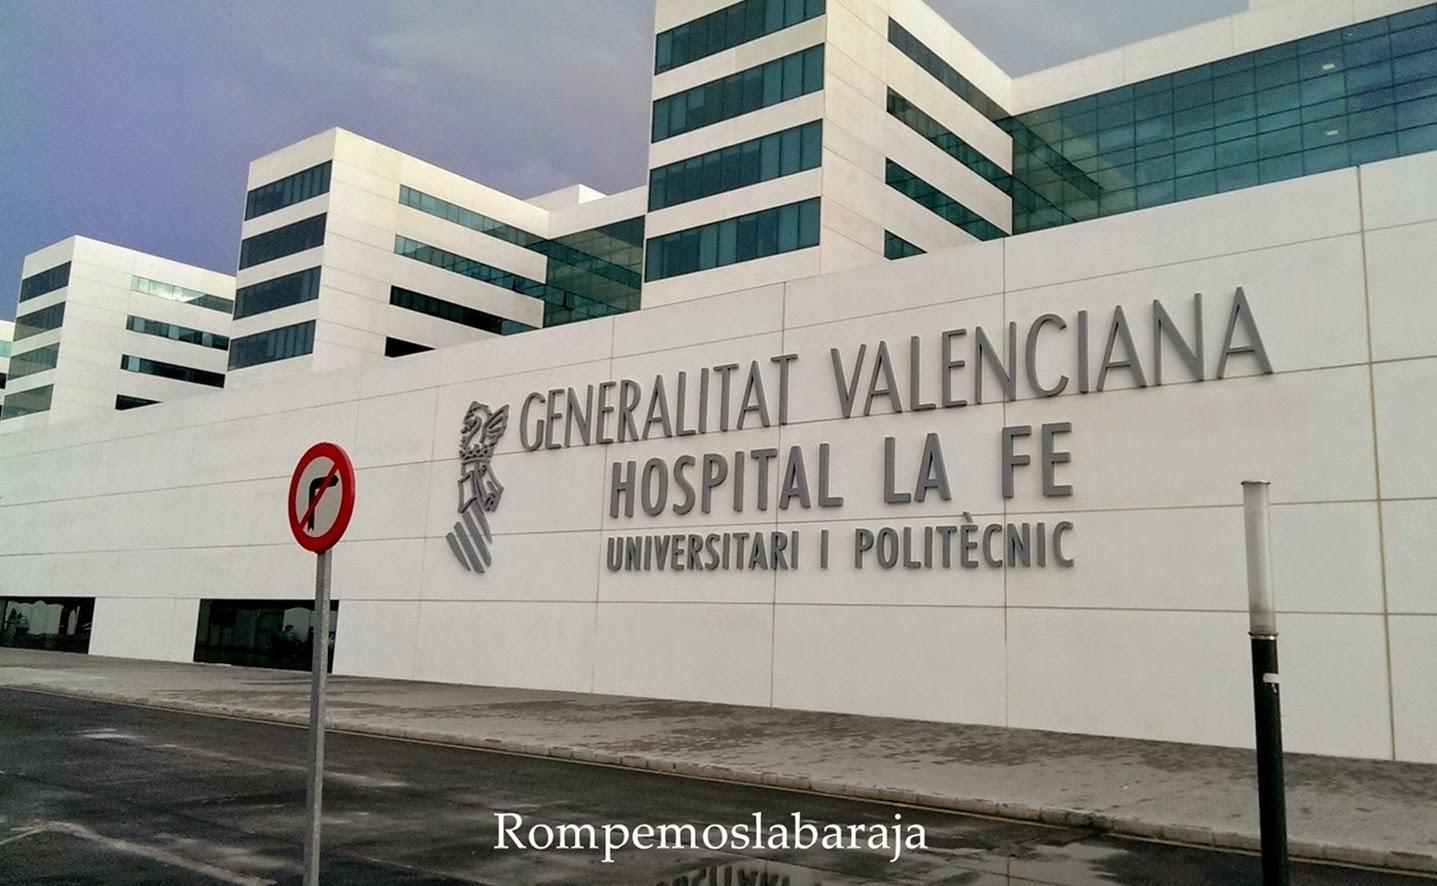 Nombramientos listado de las nuevas jefaturas de servicio en los hospitales publicos valencianos - Hospital nueva fe valencia ...